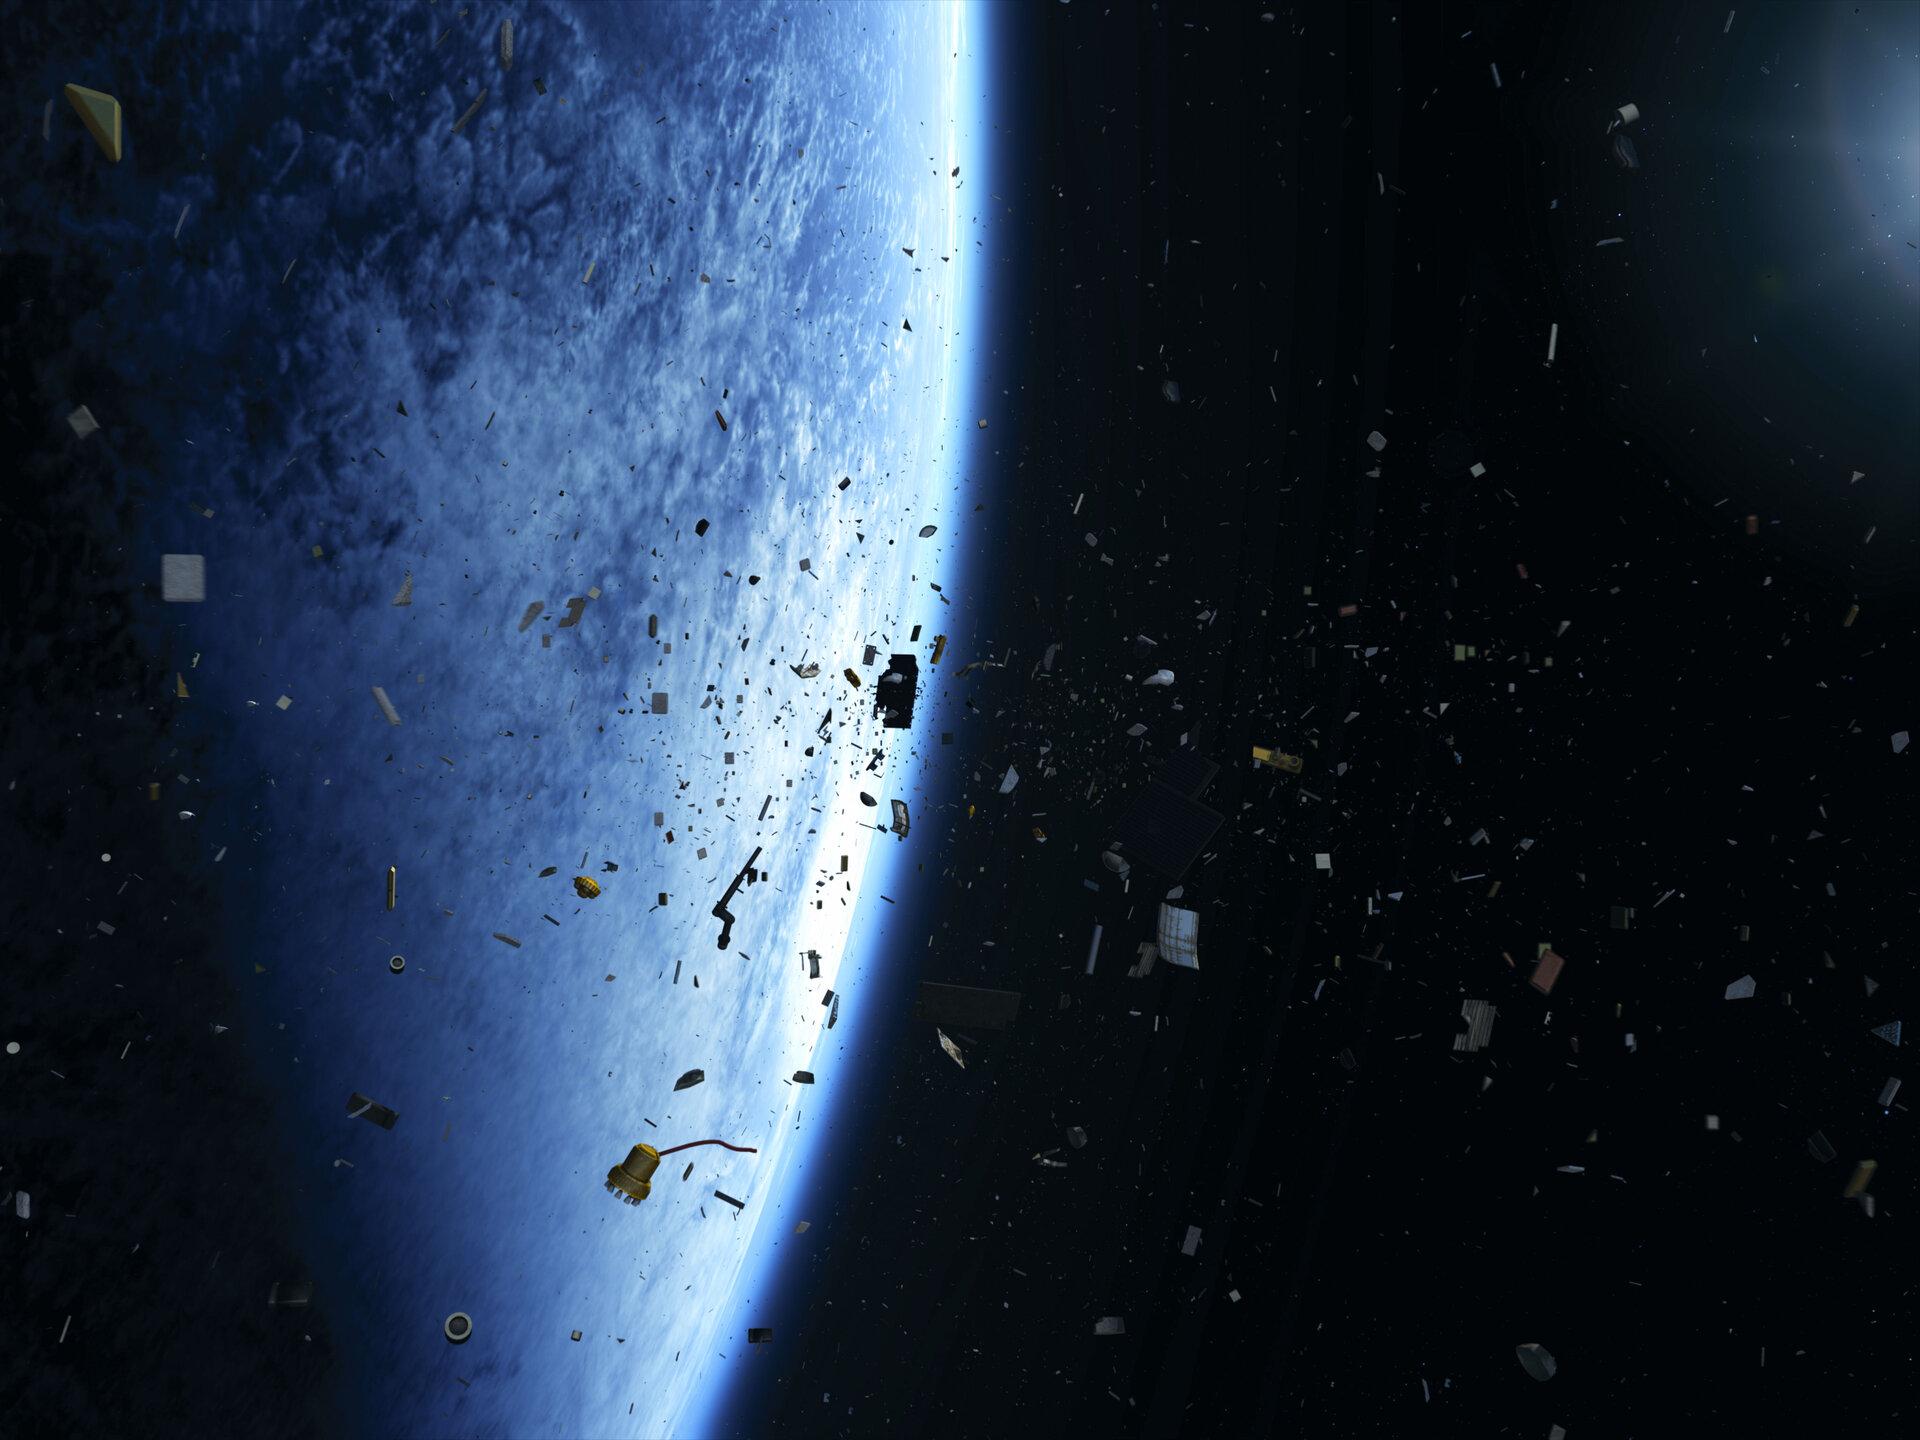 Deux gros morceaux de débris spatiaux pourraient entrer en collision cette nuit